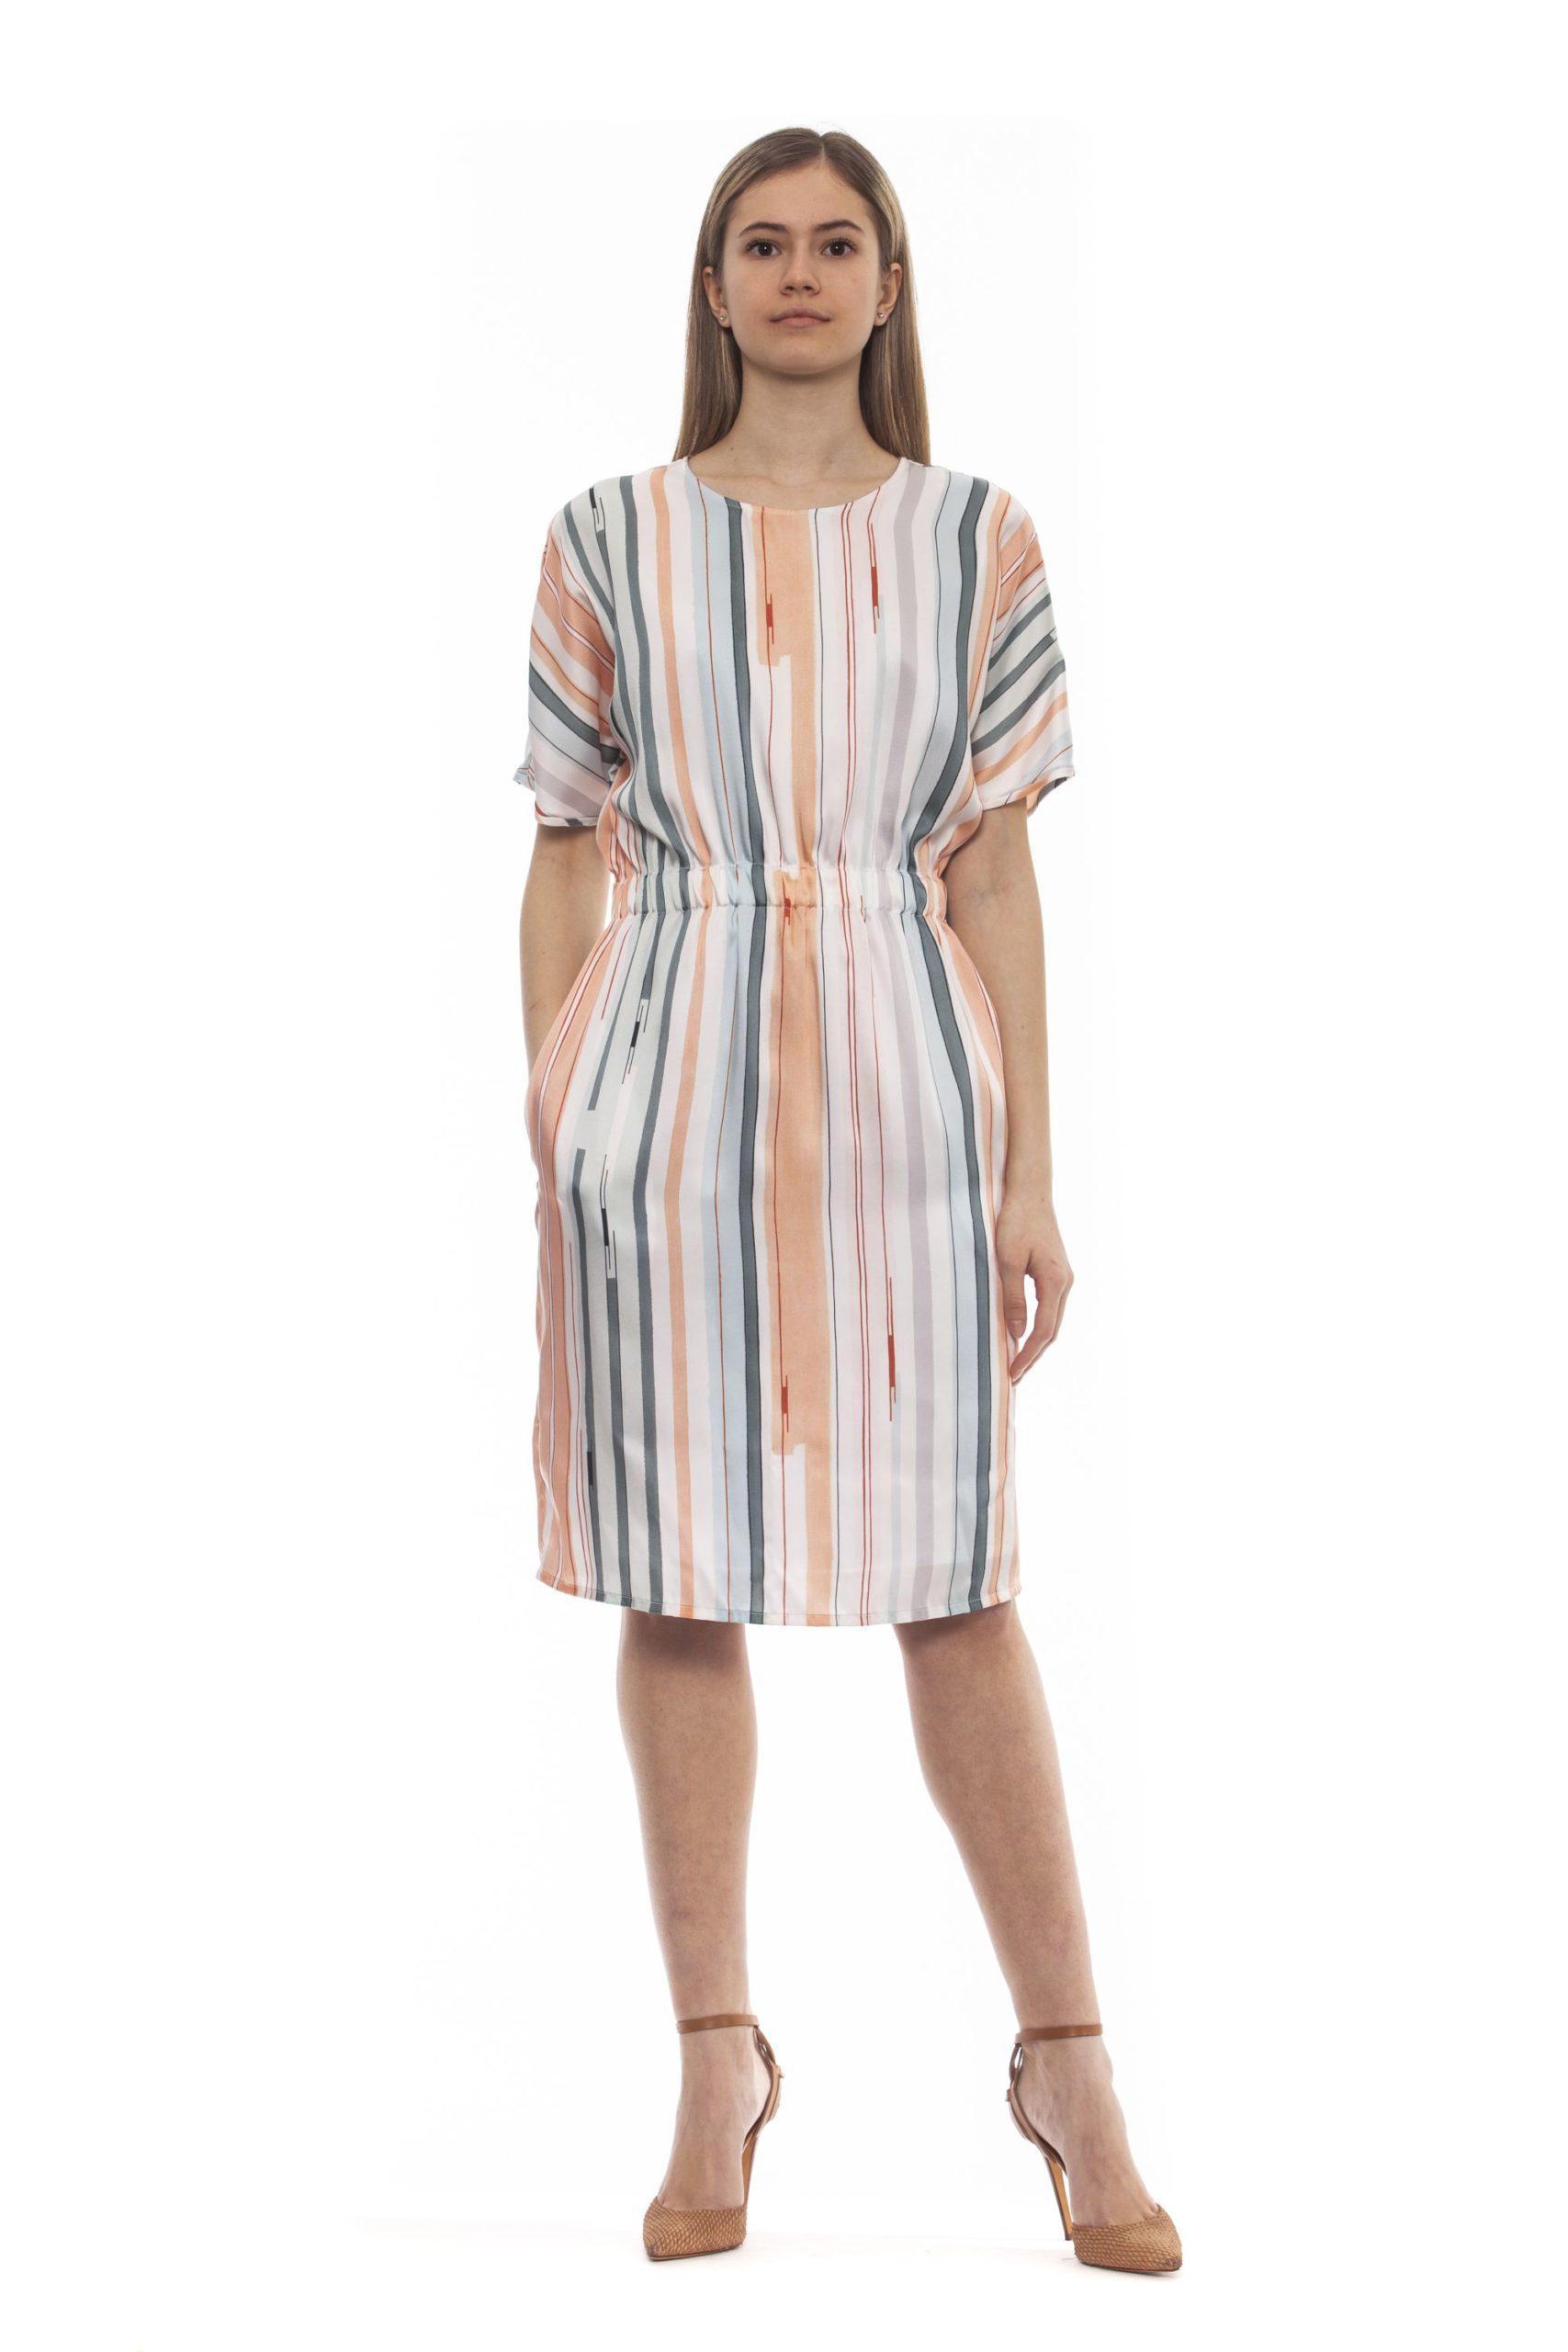 Peserico Women's Marrone Dress Brown PE1383214 - IT42 | S